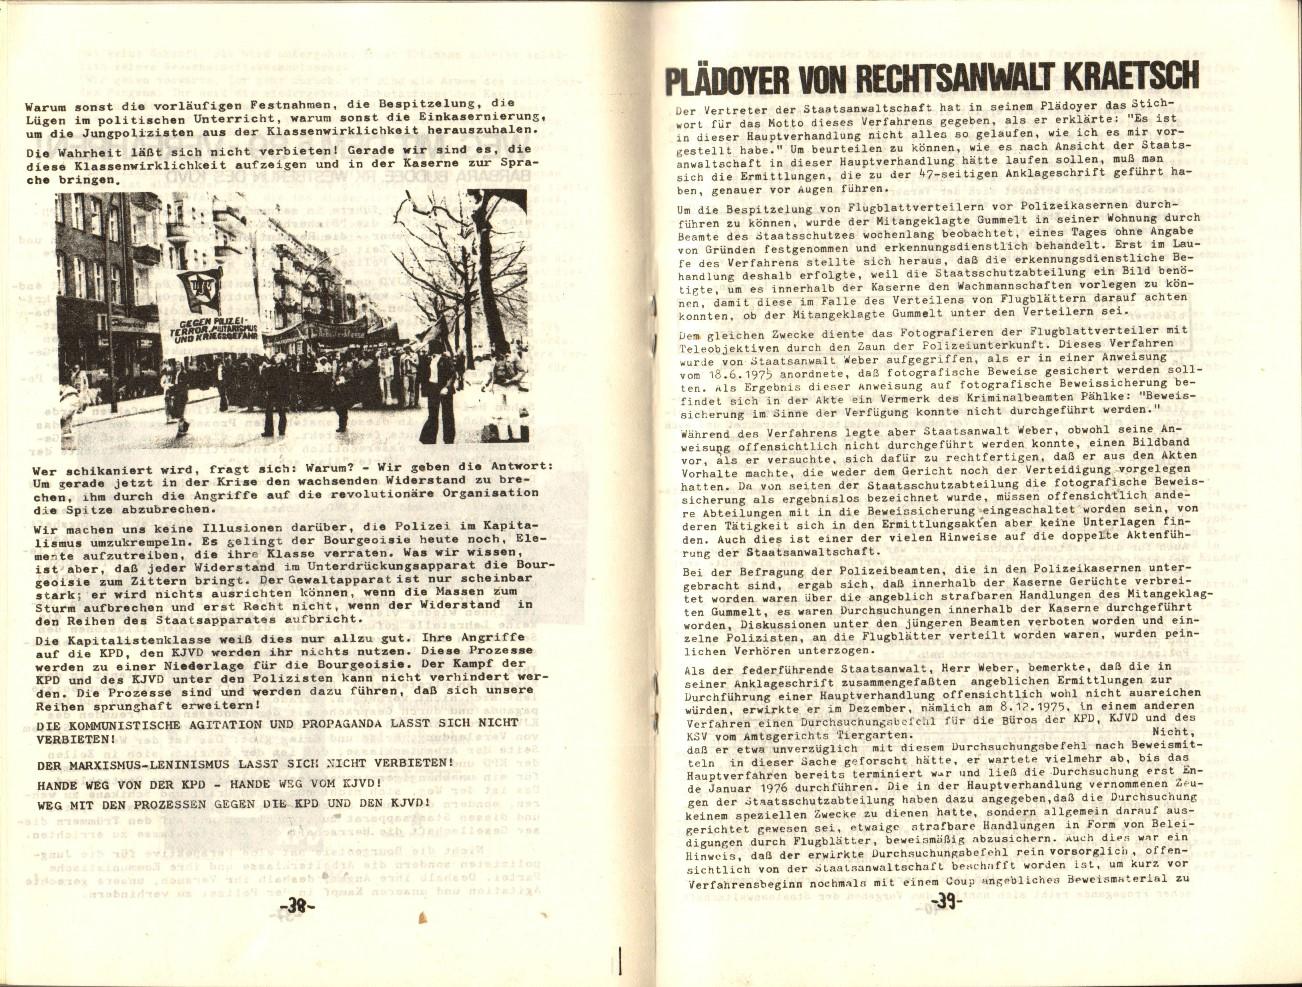 Berlin_KPD_1976_Staatsschutzprozess02_21